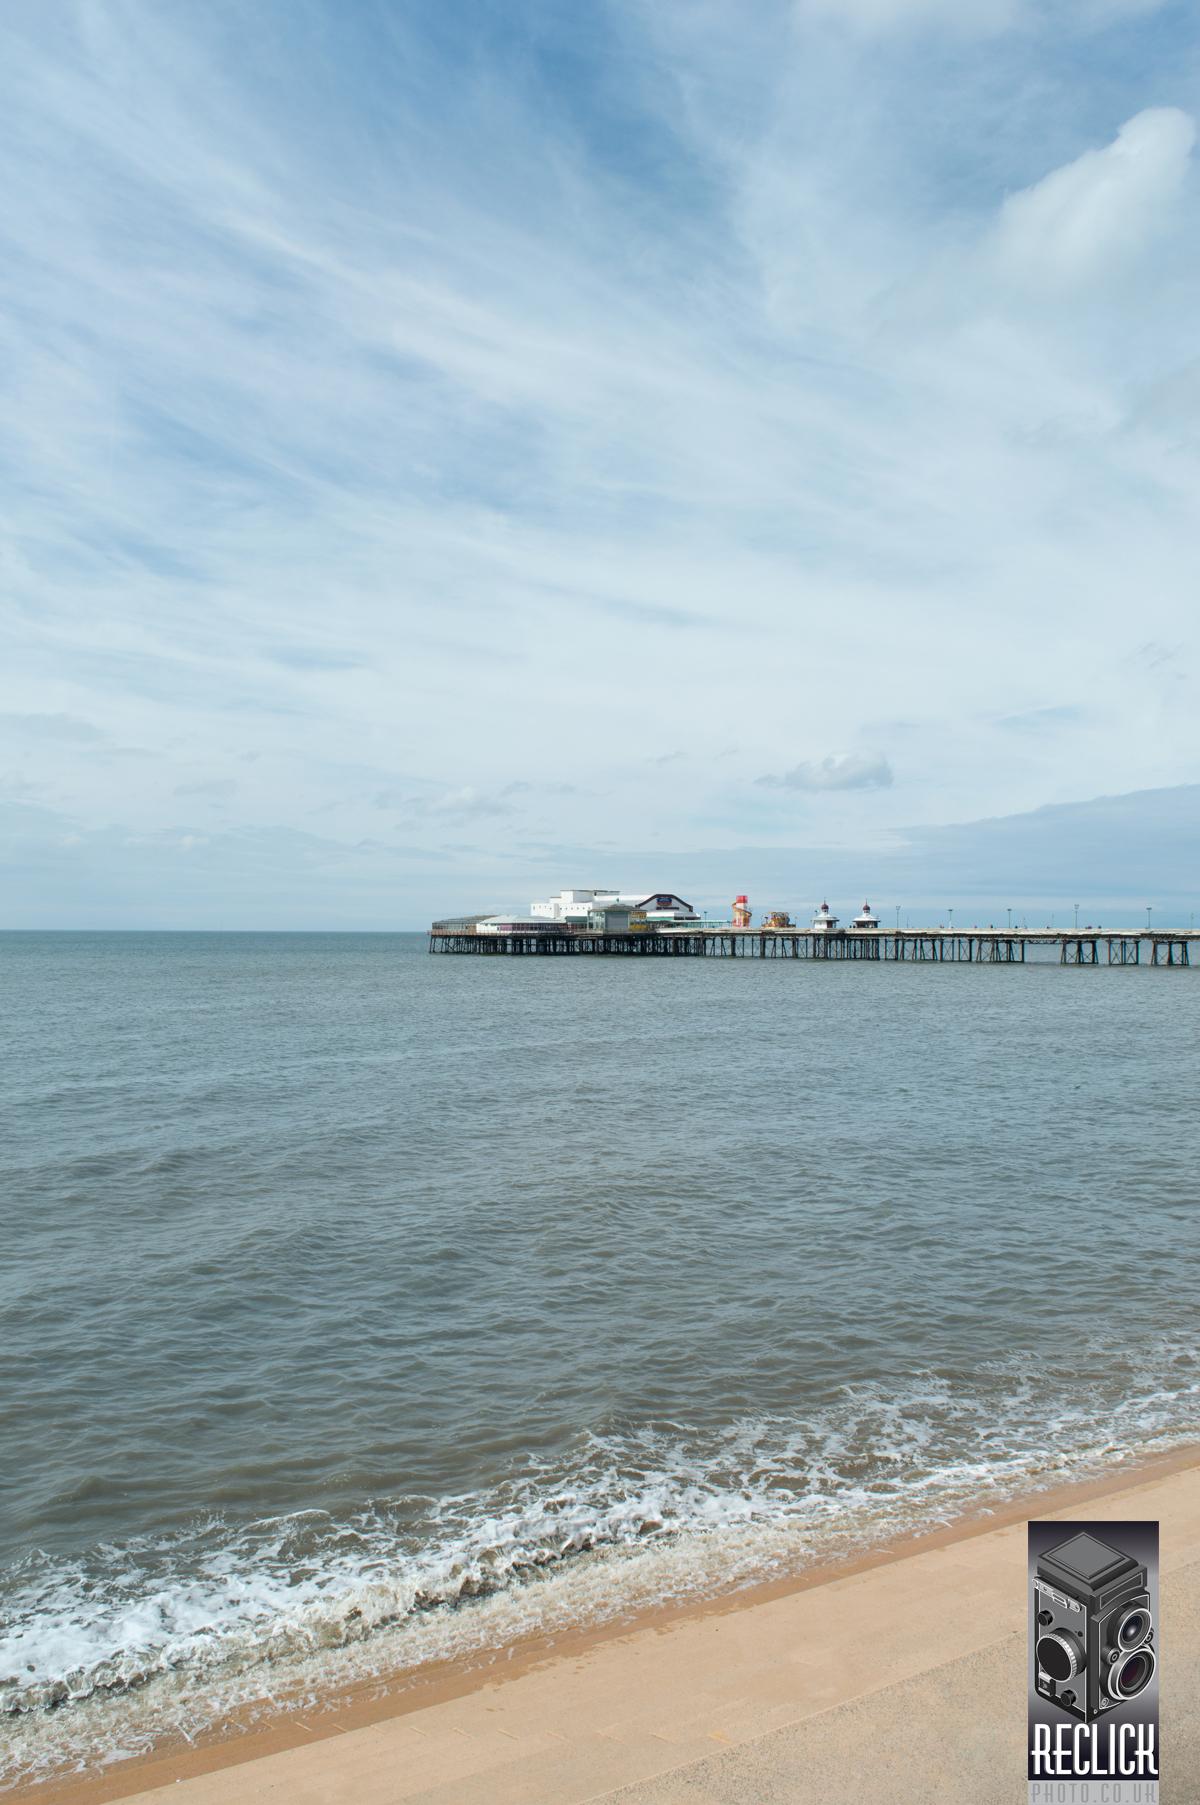 Blackpool, North Pier, promenade, seaside, resort, sea, pier, sea, Victorian, England.